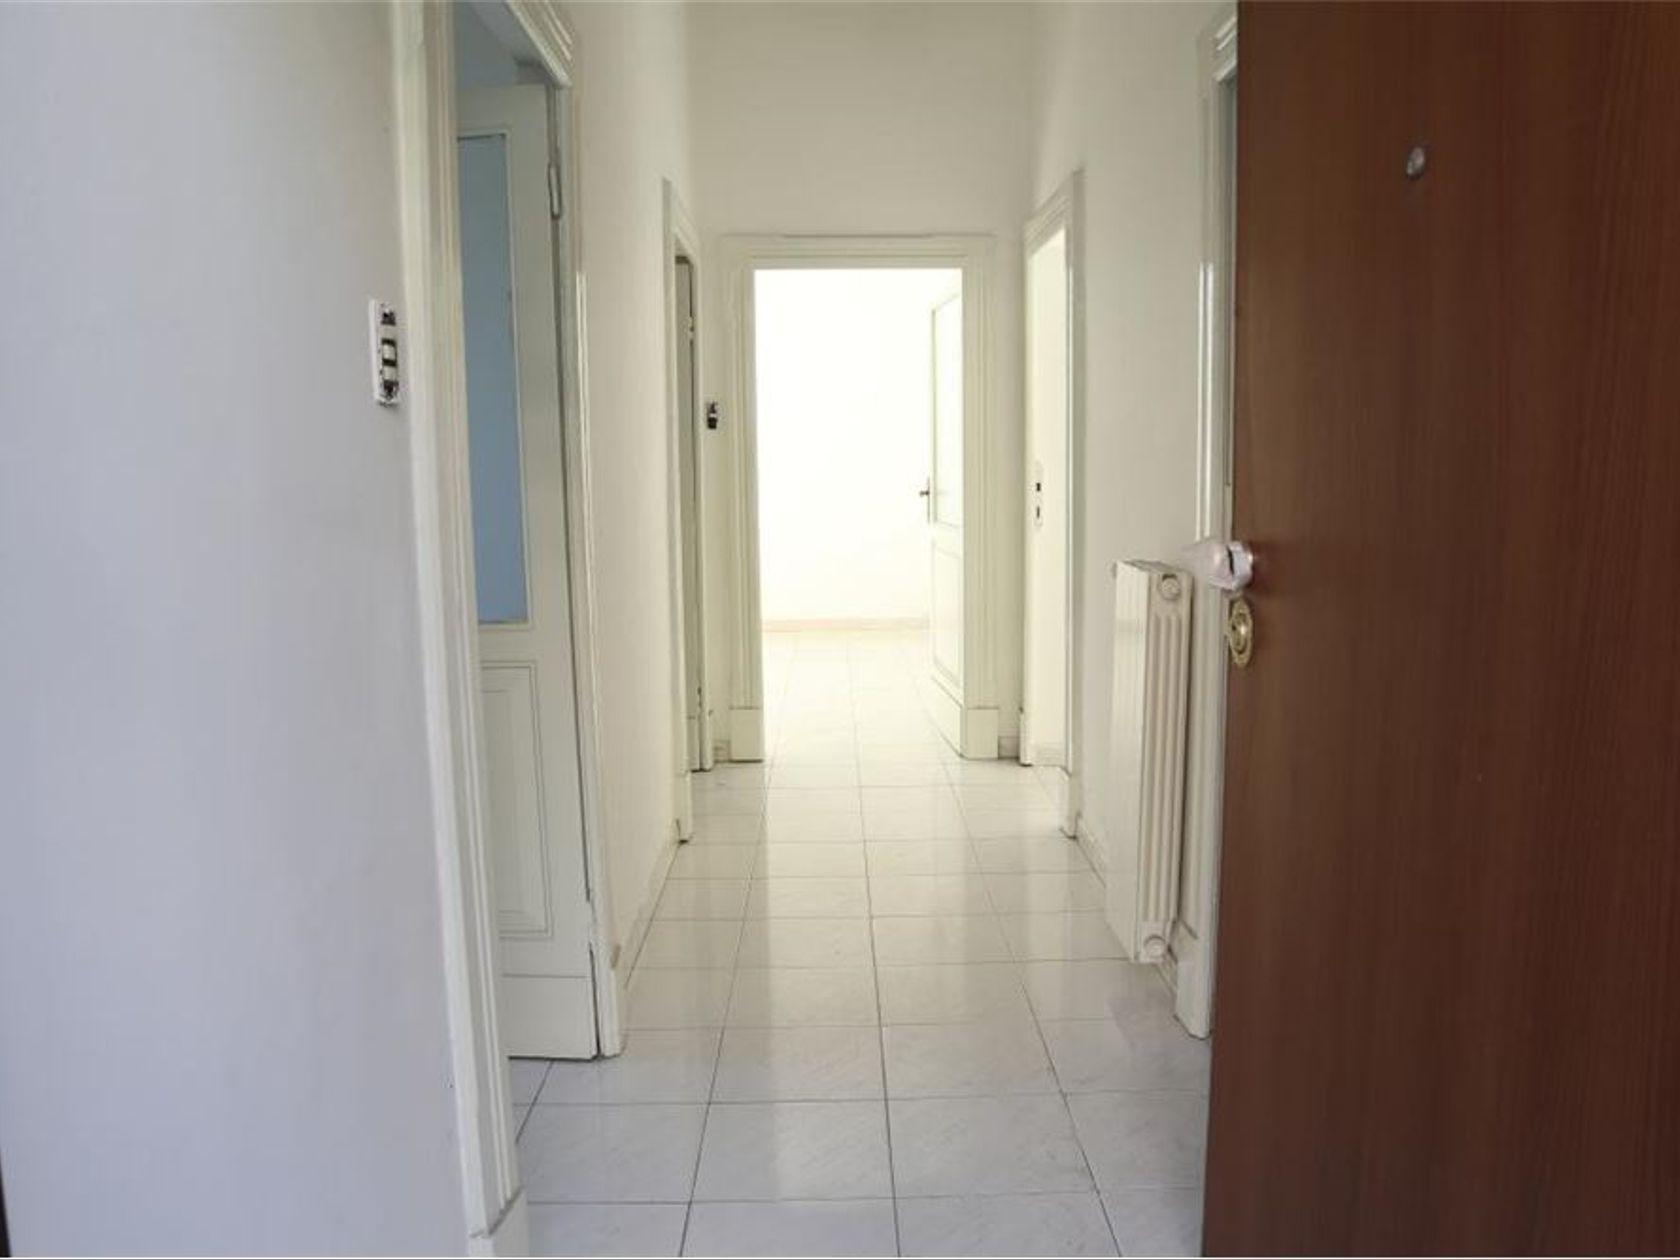 Appartamento Pescara-colle Marino, Pescara, PE Vendita